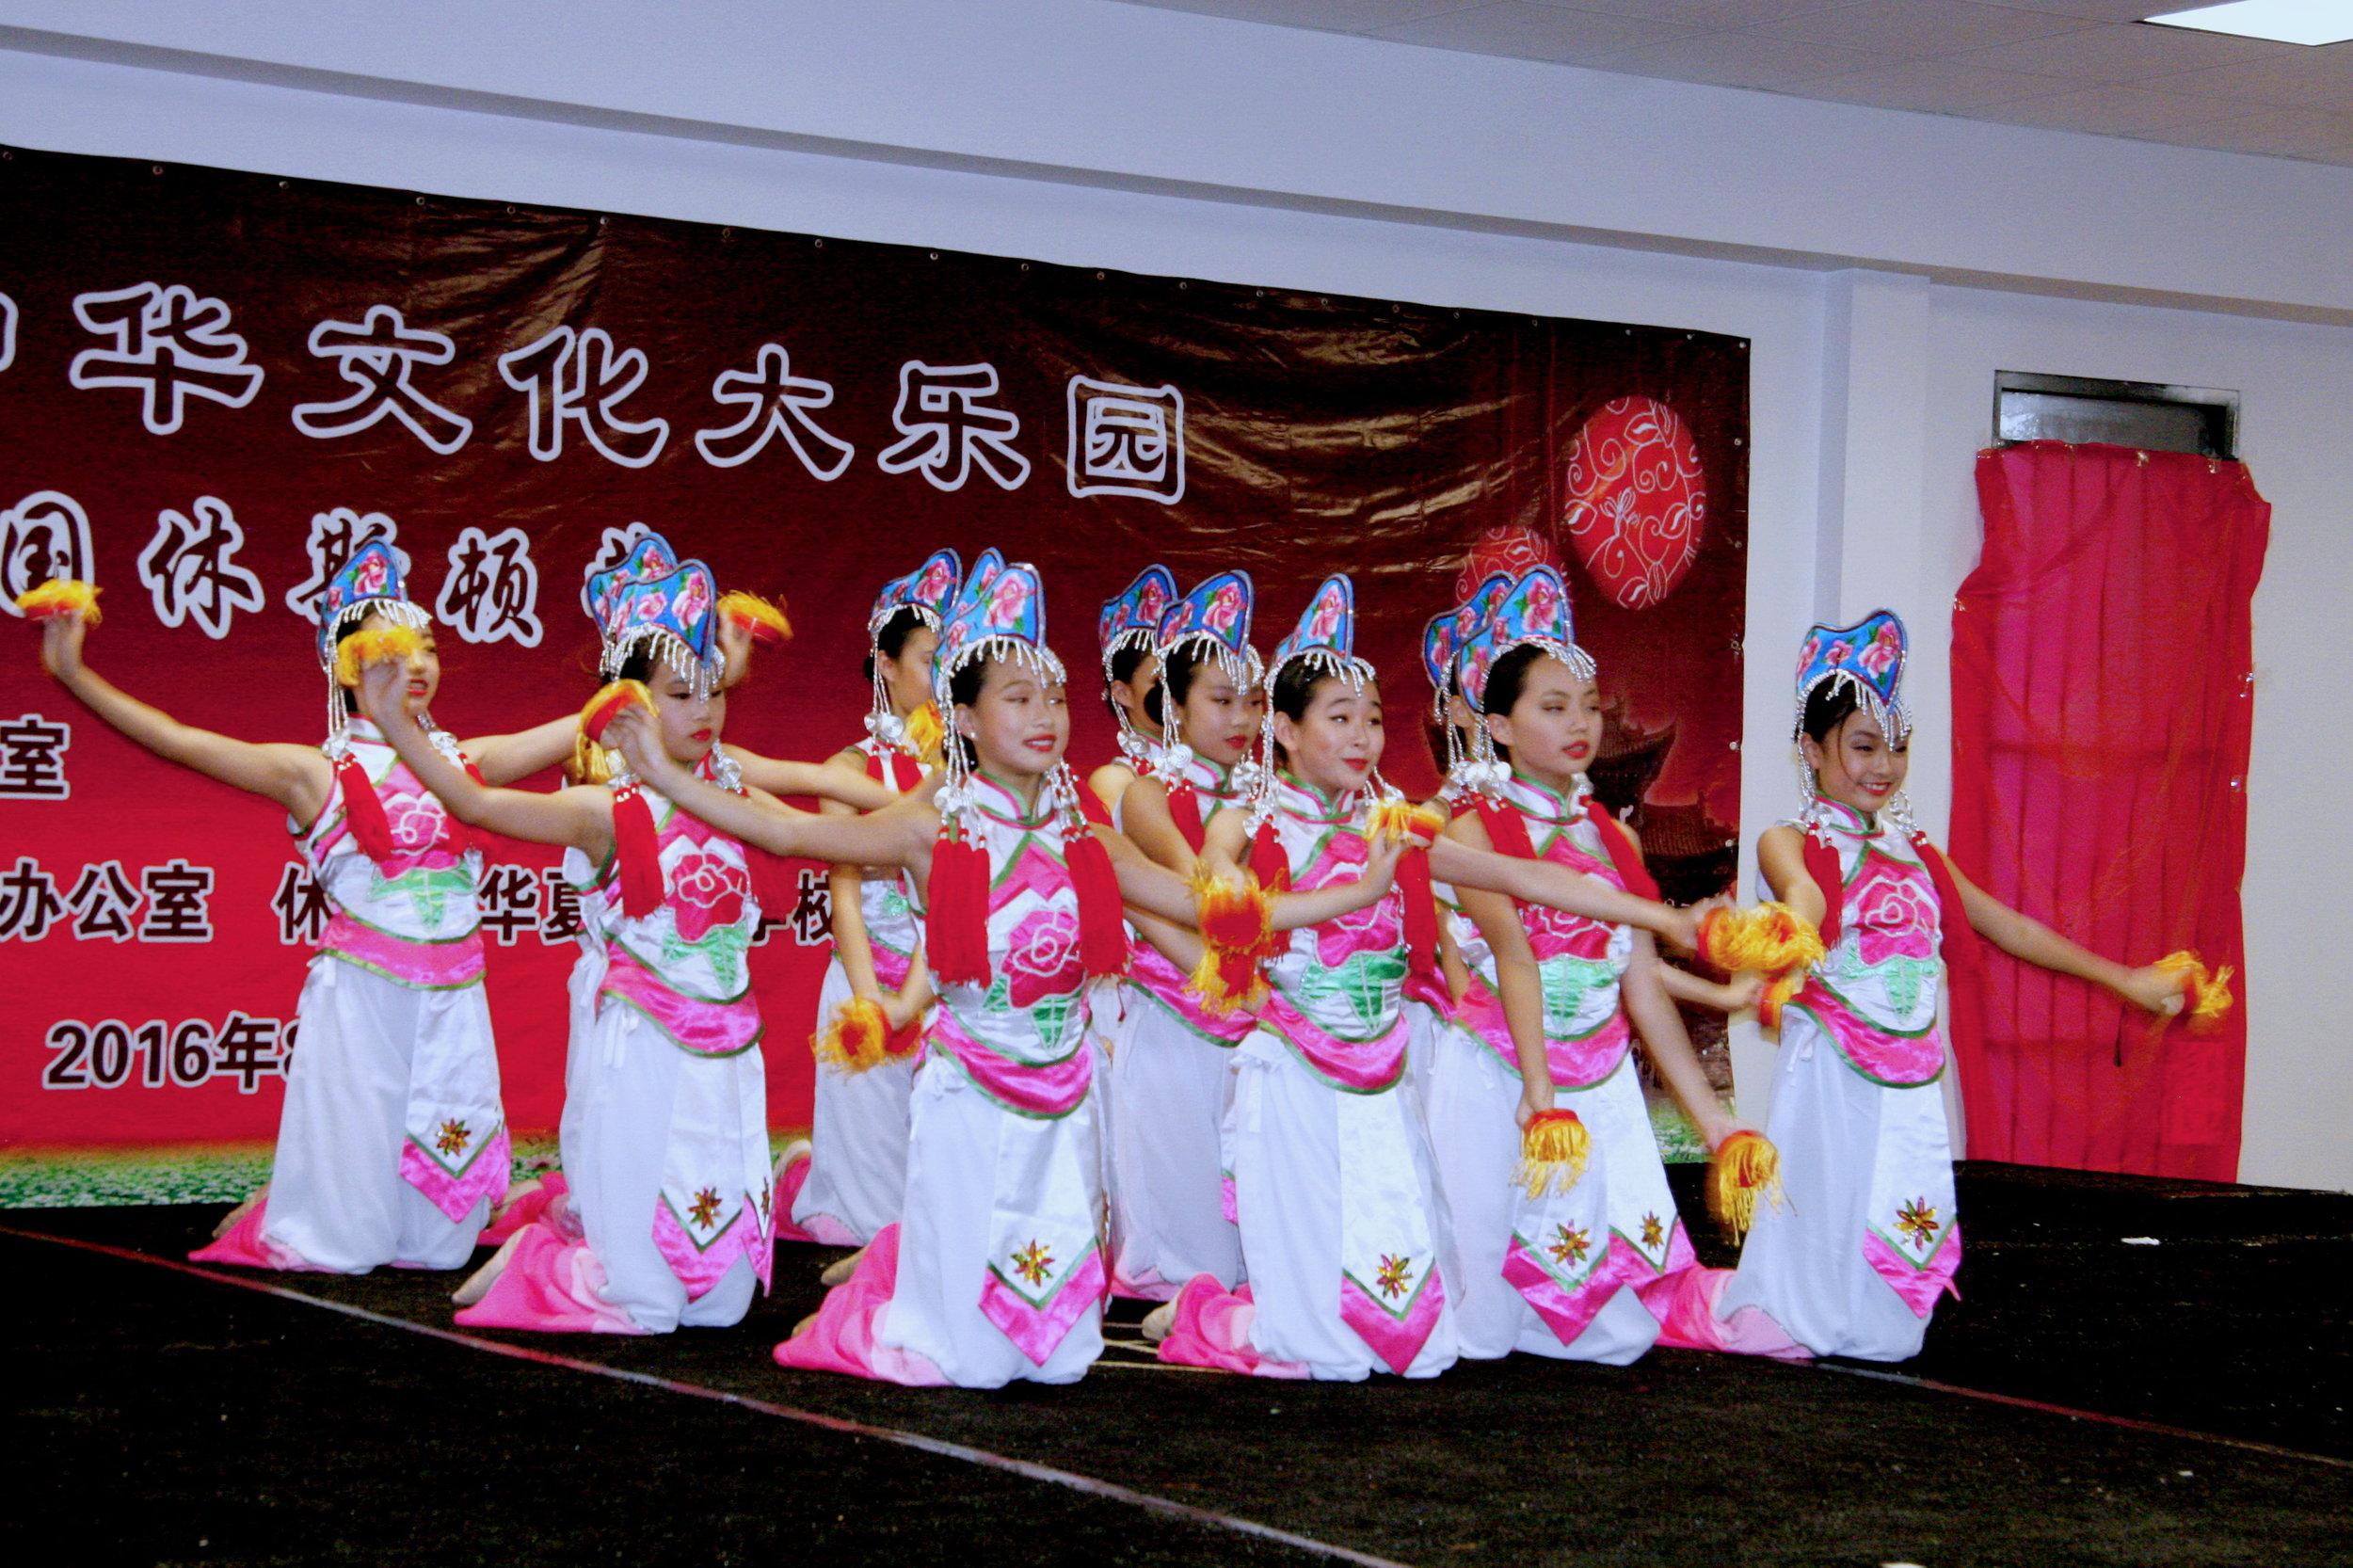 中华文化大乐园小舞者表演。(周洁晓慧舞蹈学校提供)